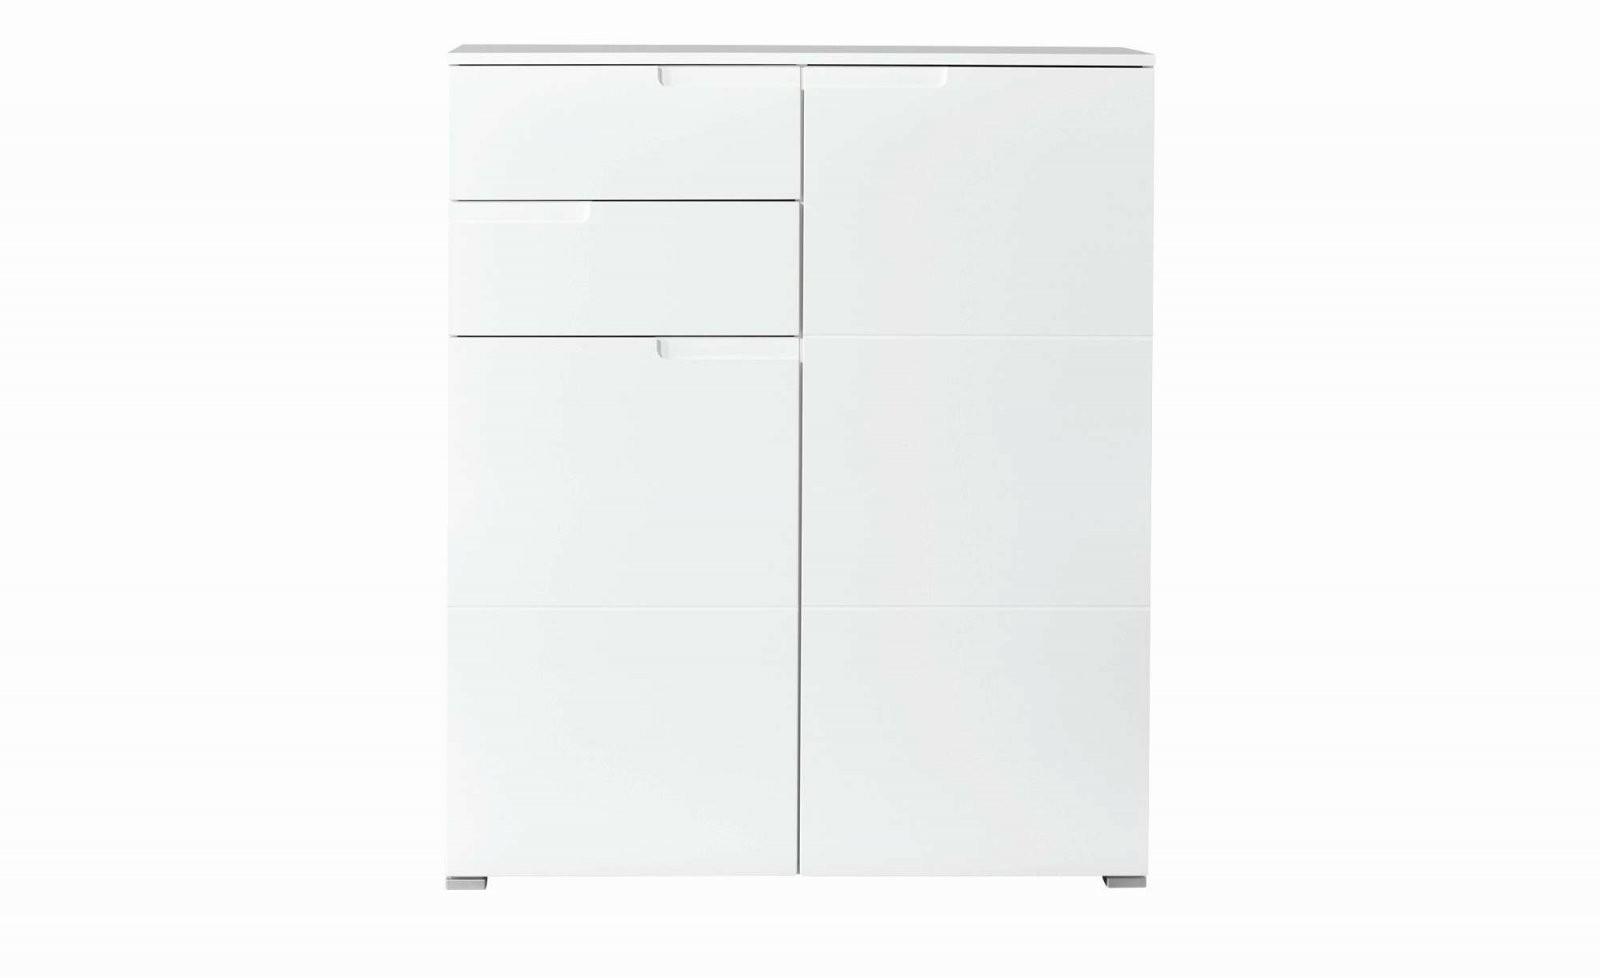 Kommode Tiefe 50 Cm Cheap Ikea Pax Schrank Cm Tief Einzigartig Von von Kommode Tiefe 50 Cm Bild